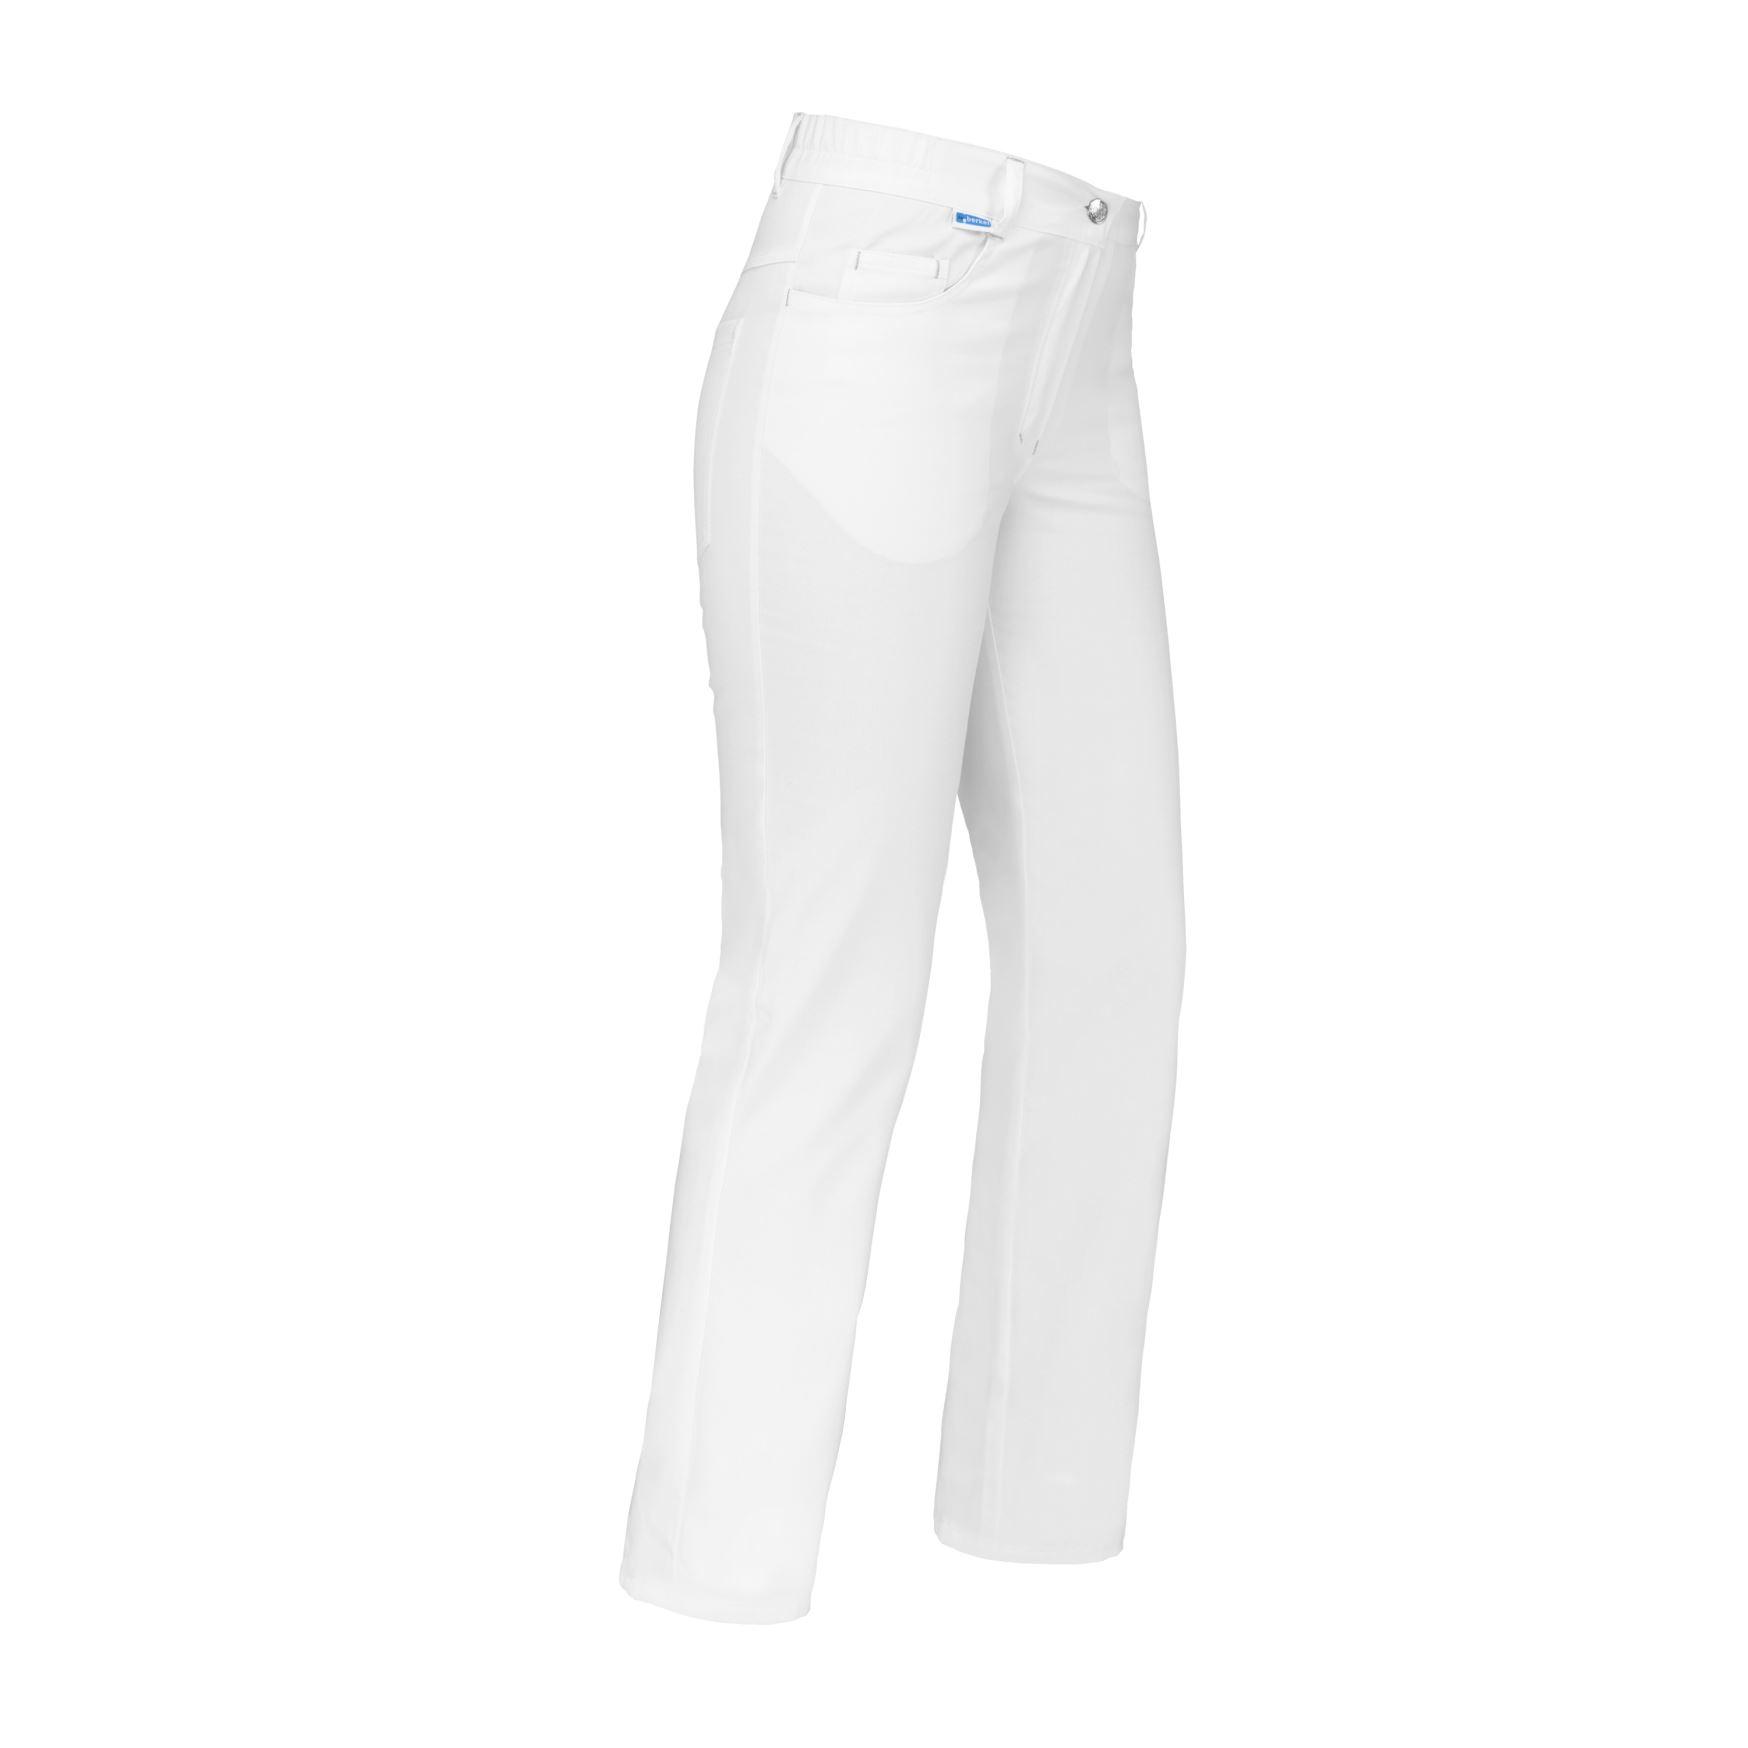 De Berkel Pantalon Tjitske